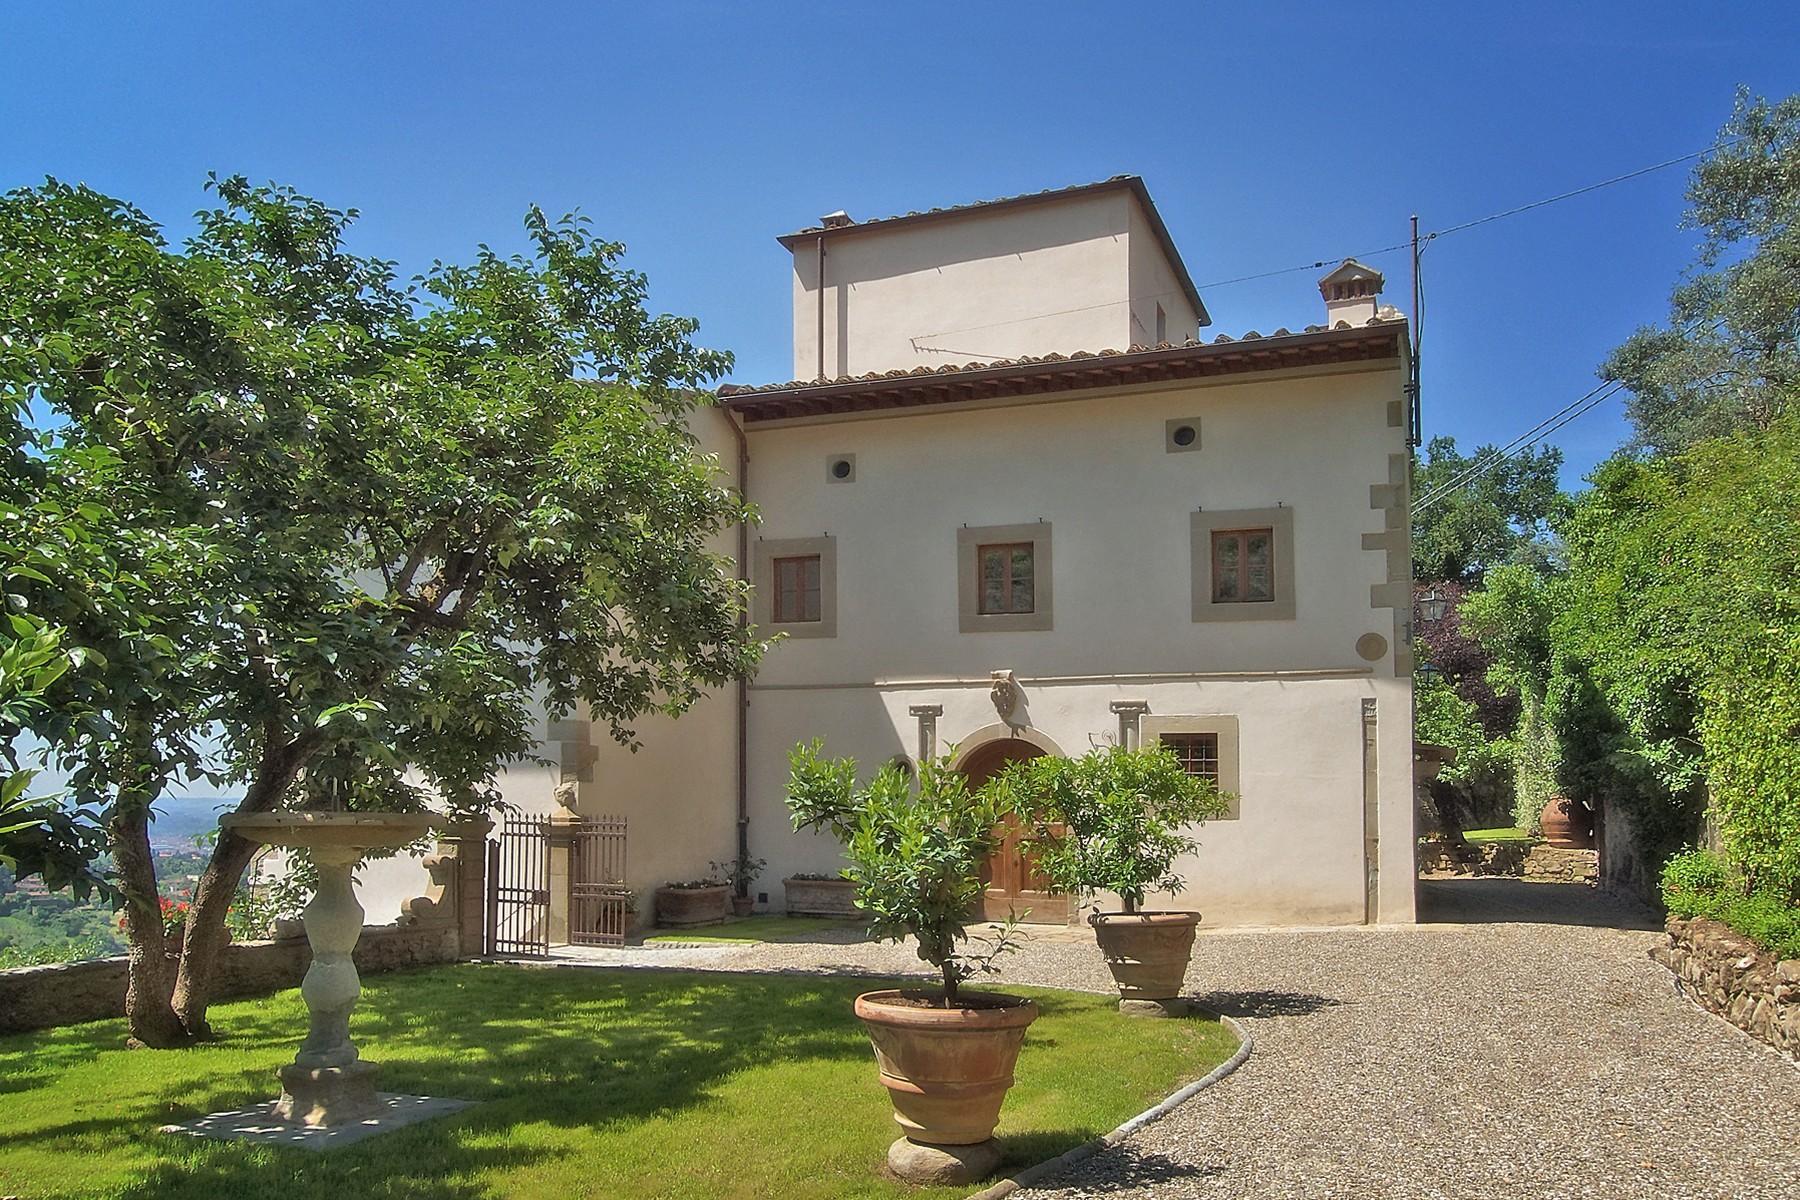 Wunderschöne Villa mit Pool auf den Hügeln von Florenz - 4